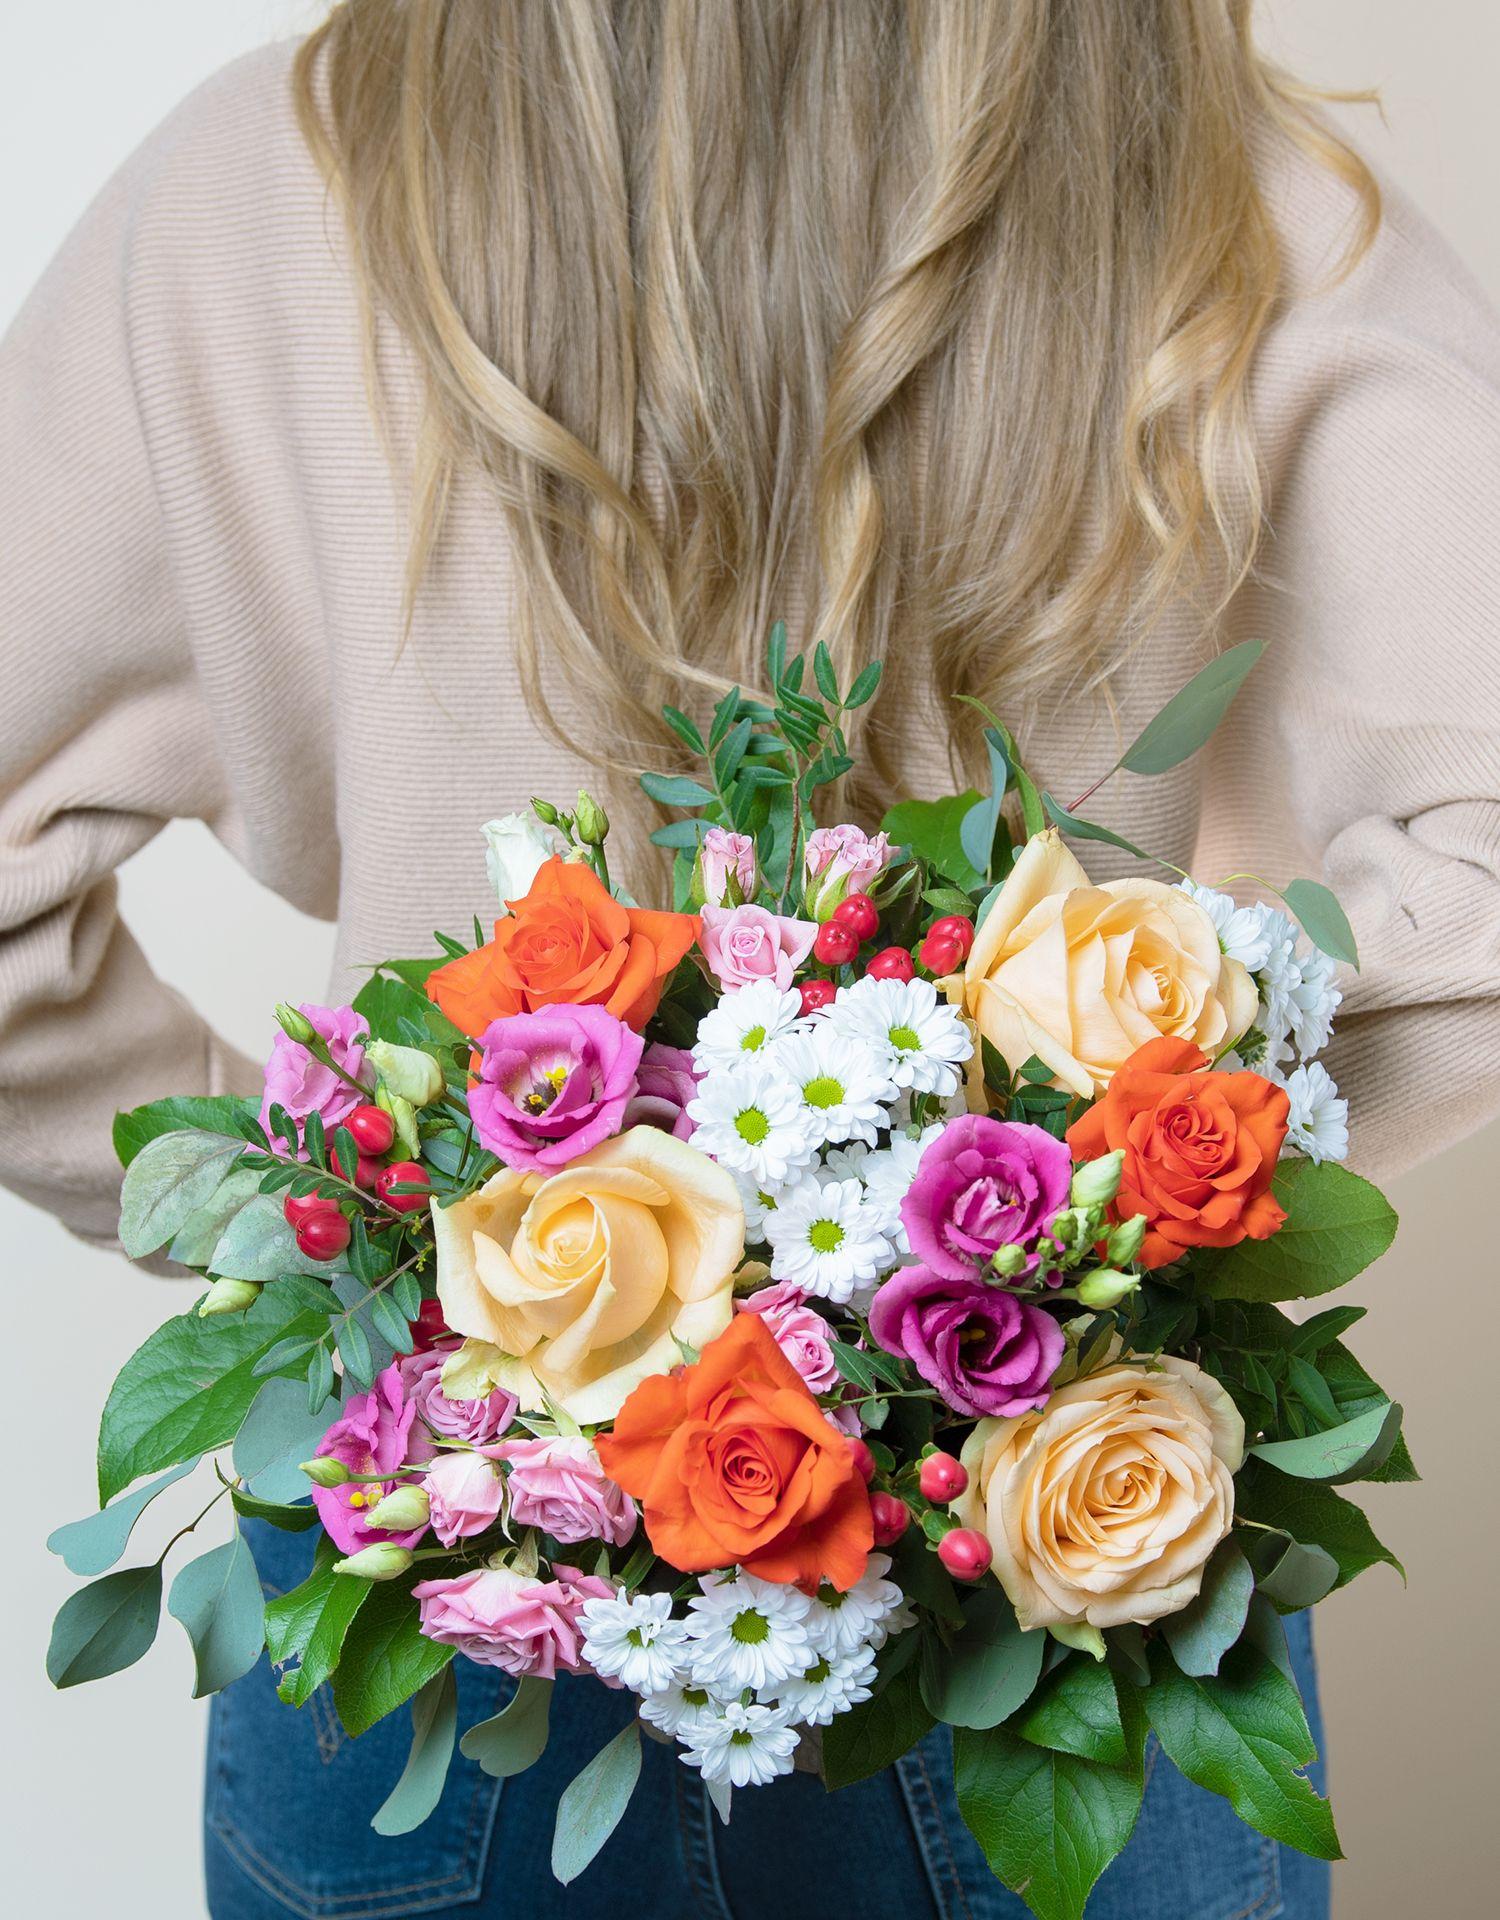 Geschenkidee Zum Muttertag Blumen Von Fleurop Strauß